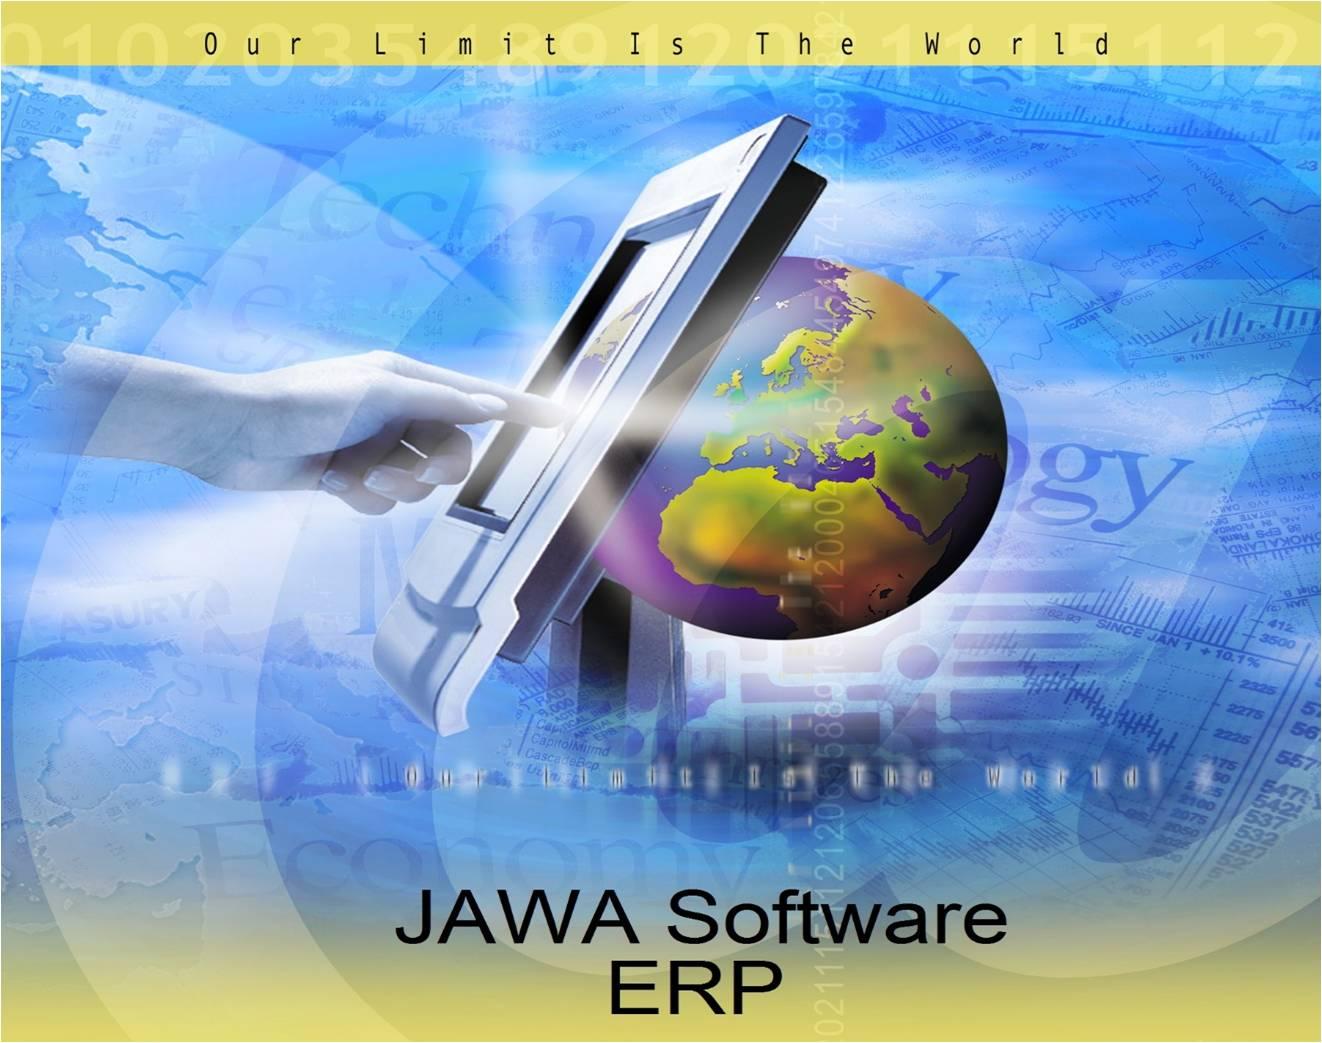 About – JAWA Software